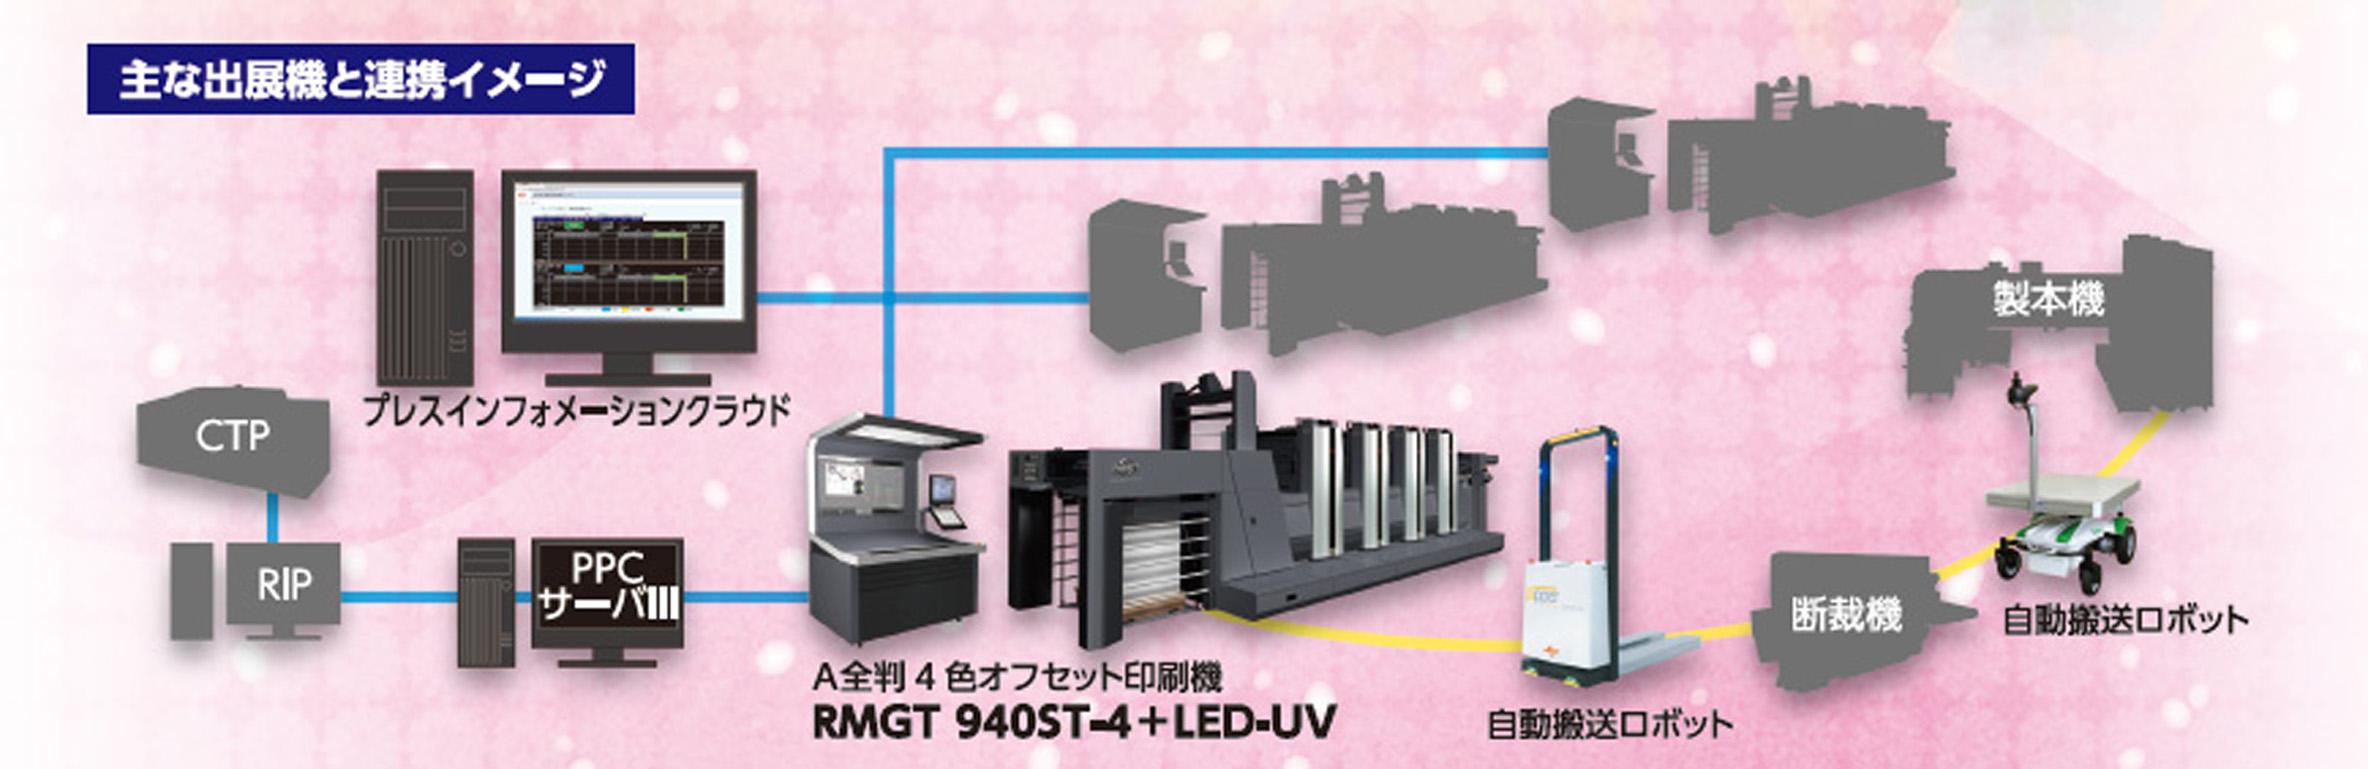 RMGT新春ショー2020_イメージ